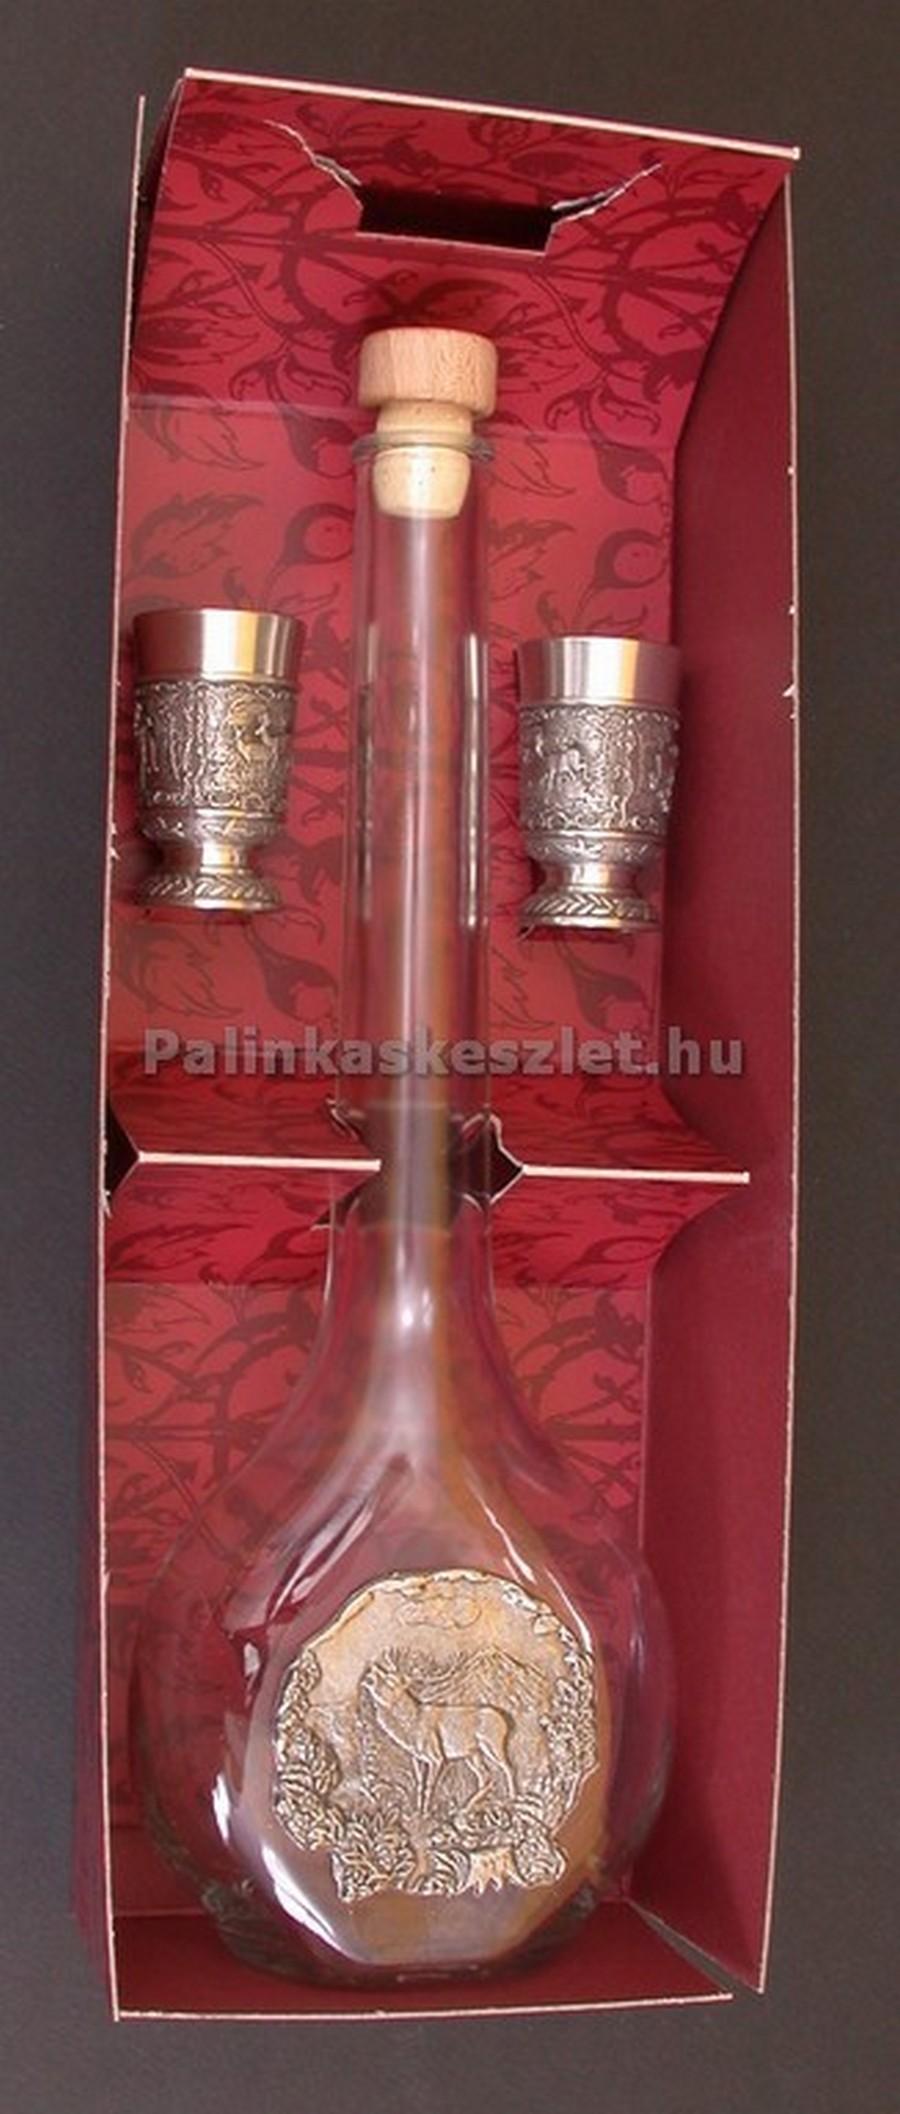 ARTINA pálinkás készlet szarvasbőgést ábrázoló ón verettel díszítve. 1 pálinkás üveg dugóval, 2 ón snapszos pohár  és díszdoboz tartozik a készlethez.